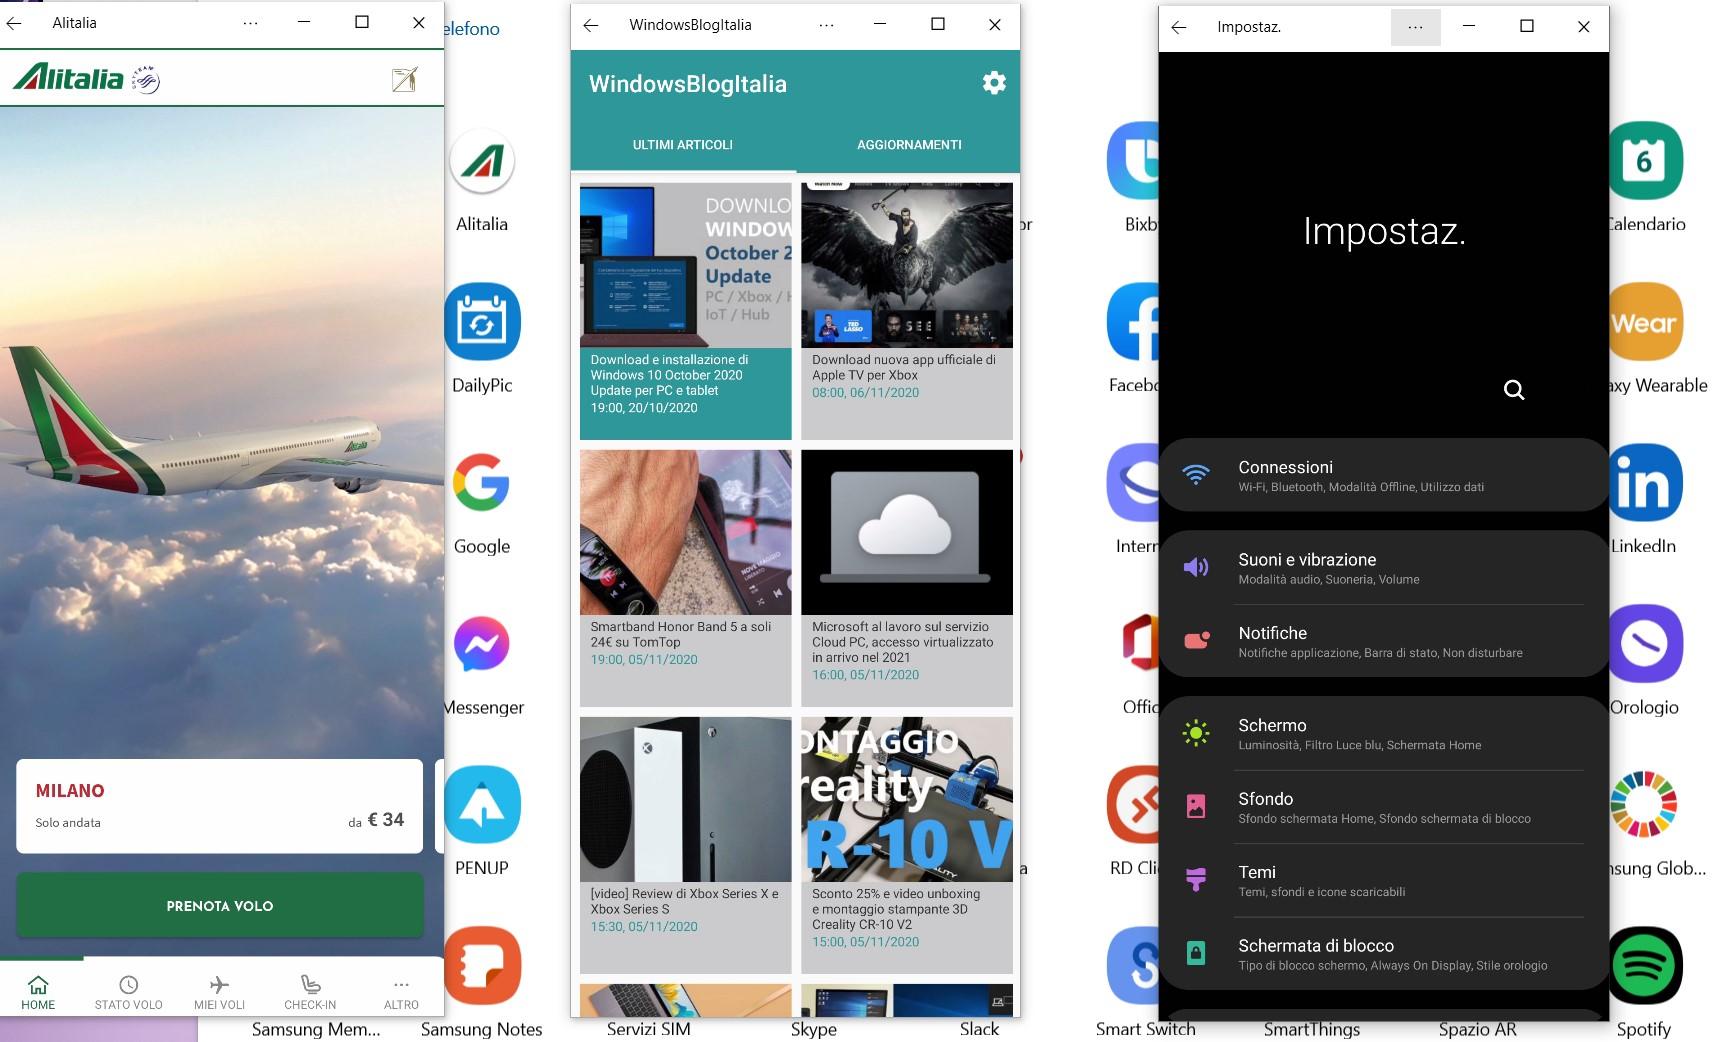 Il tuo telefono - Supporto apertura applicazioni multiple su PC